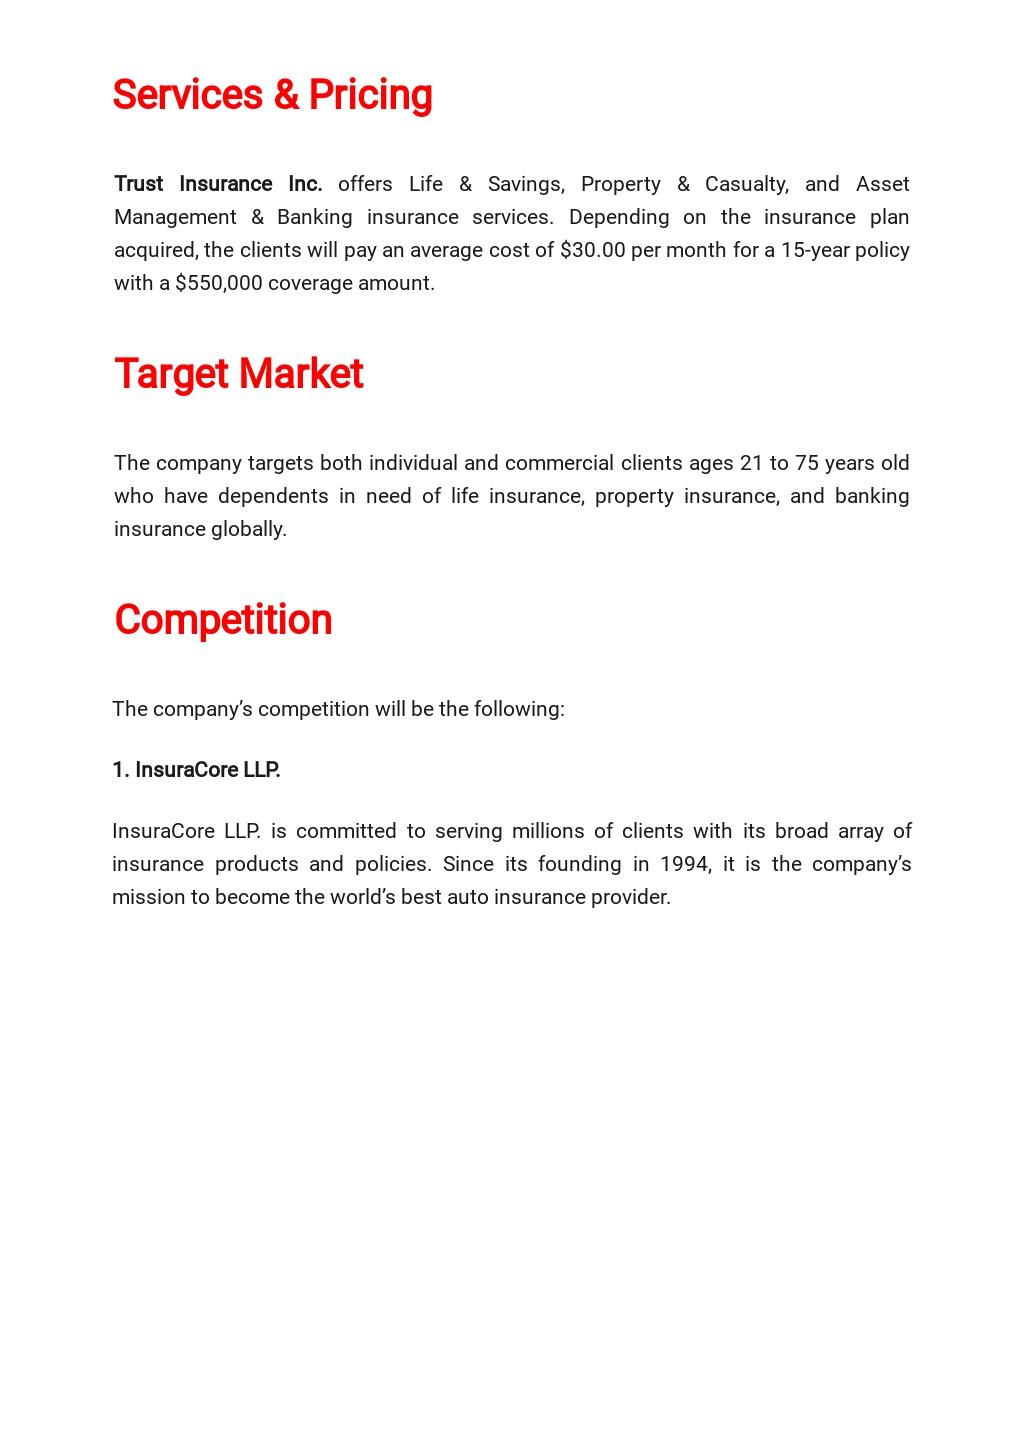 Insurance Business Plan Template  2.jpe